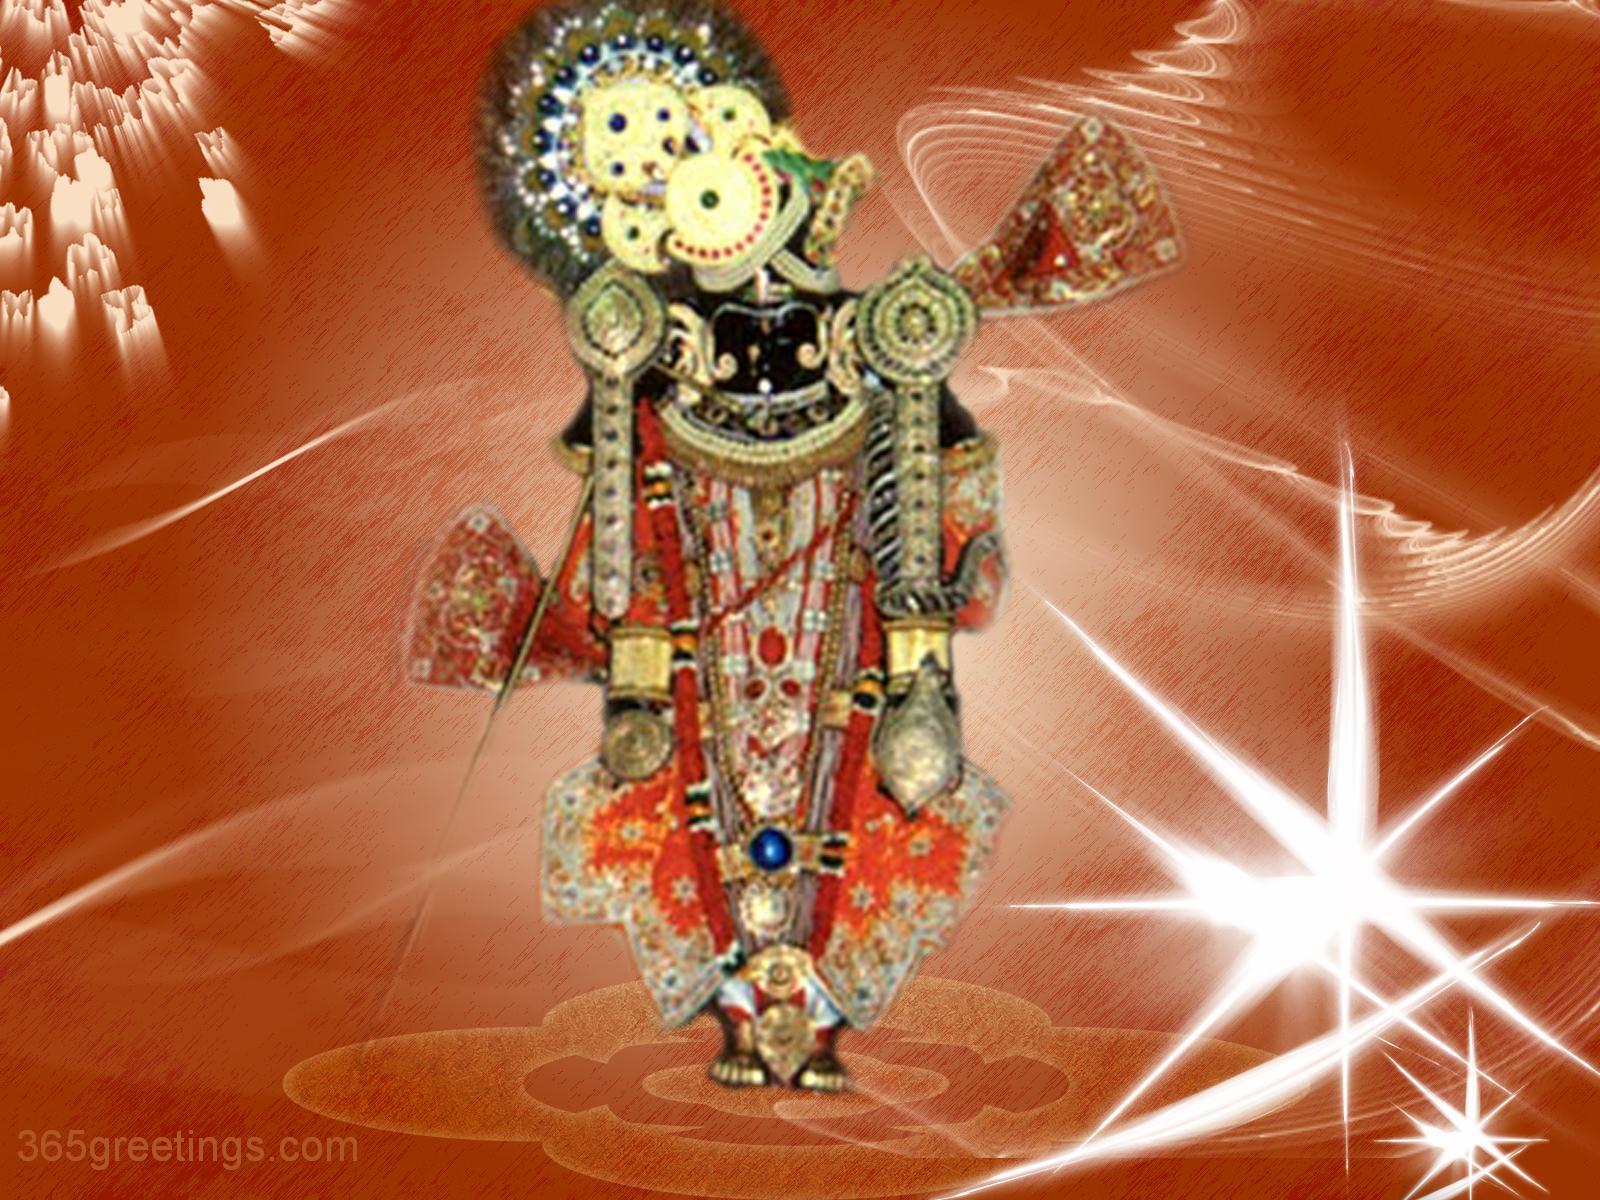 Cute Baby Ganesha Wallpapers Jay Swaminarayan Wallpapers Dwarkadhish Dwarkadhish